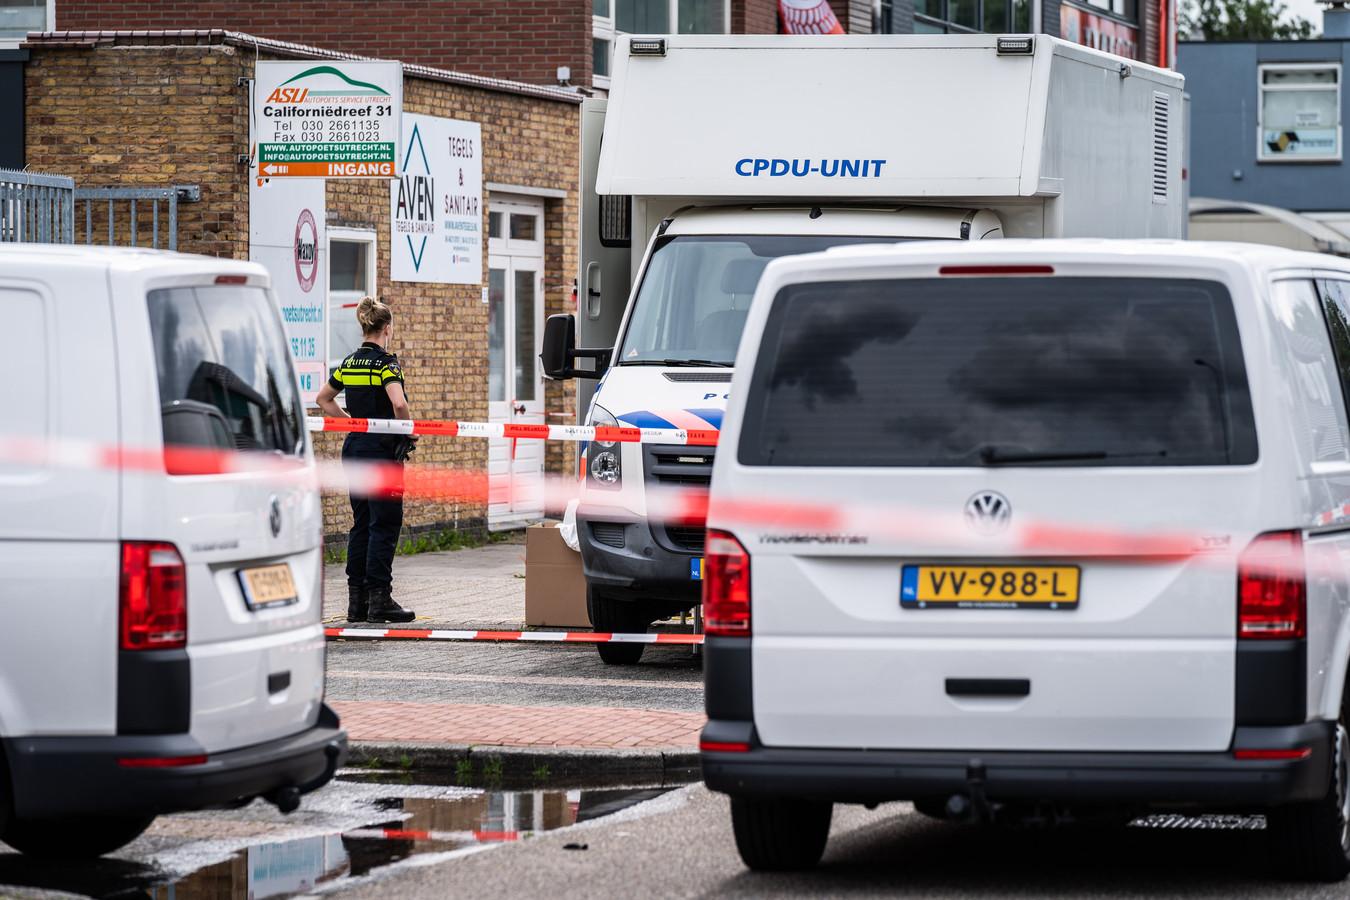 In het bedrijfspand aan de Californiëdreef in Utrecht kwam een 29-jarige man om het leven toen hij oefende met explosieven.